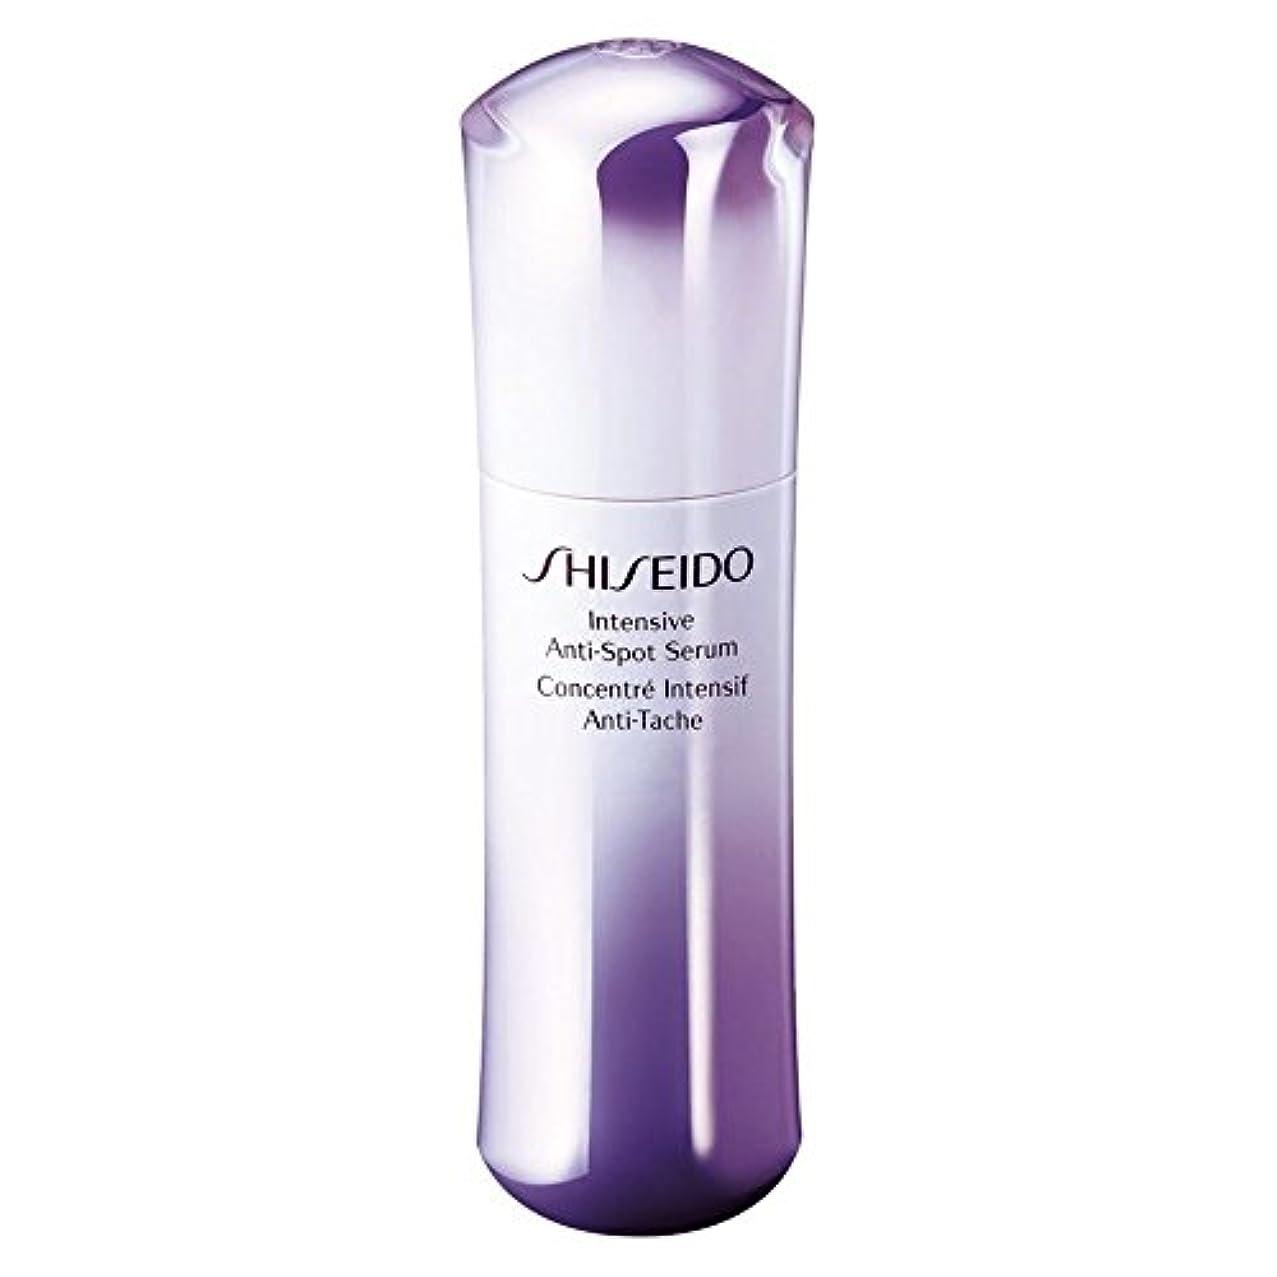 ポインタレンチ溝[Shiseido] 集中的なアンチスポットセラム30MlをShisiedo - Shisiedo Intensive Anti-Spot Serum 30ml [並行輸入品]